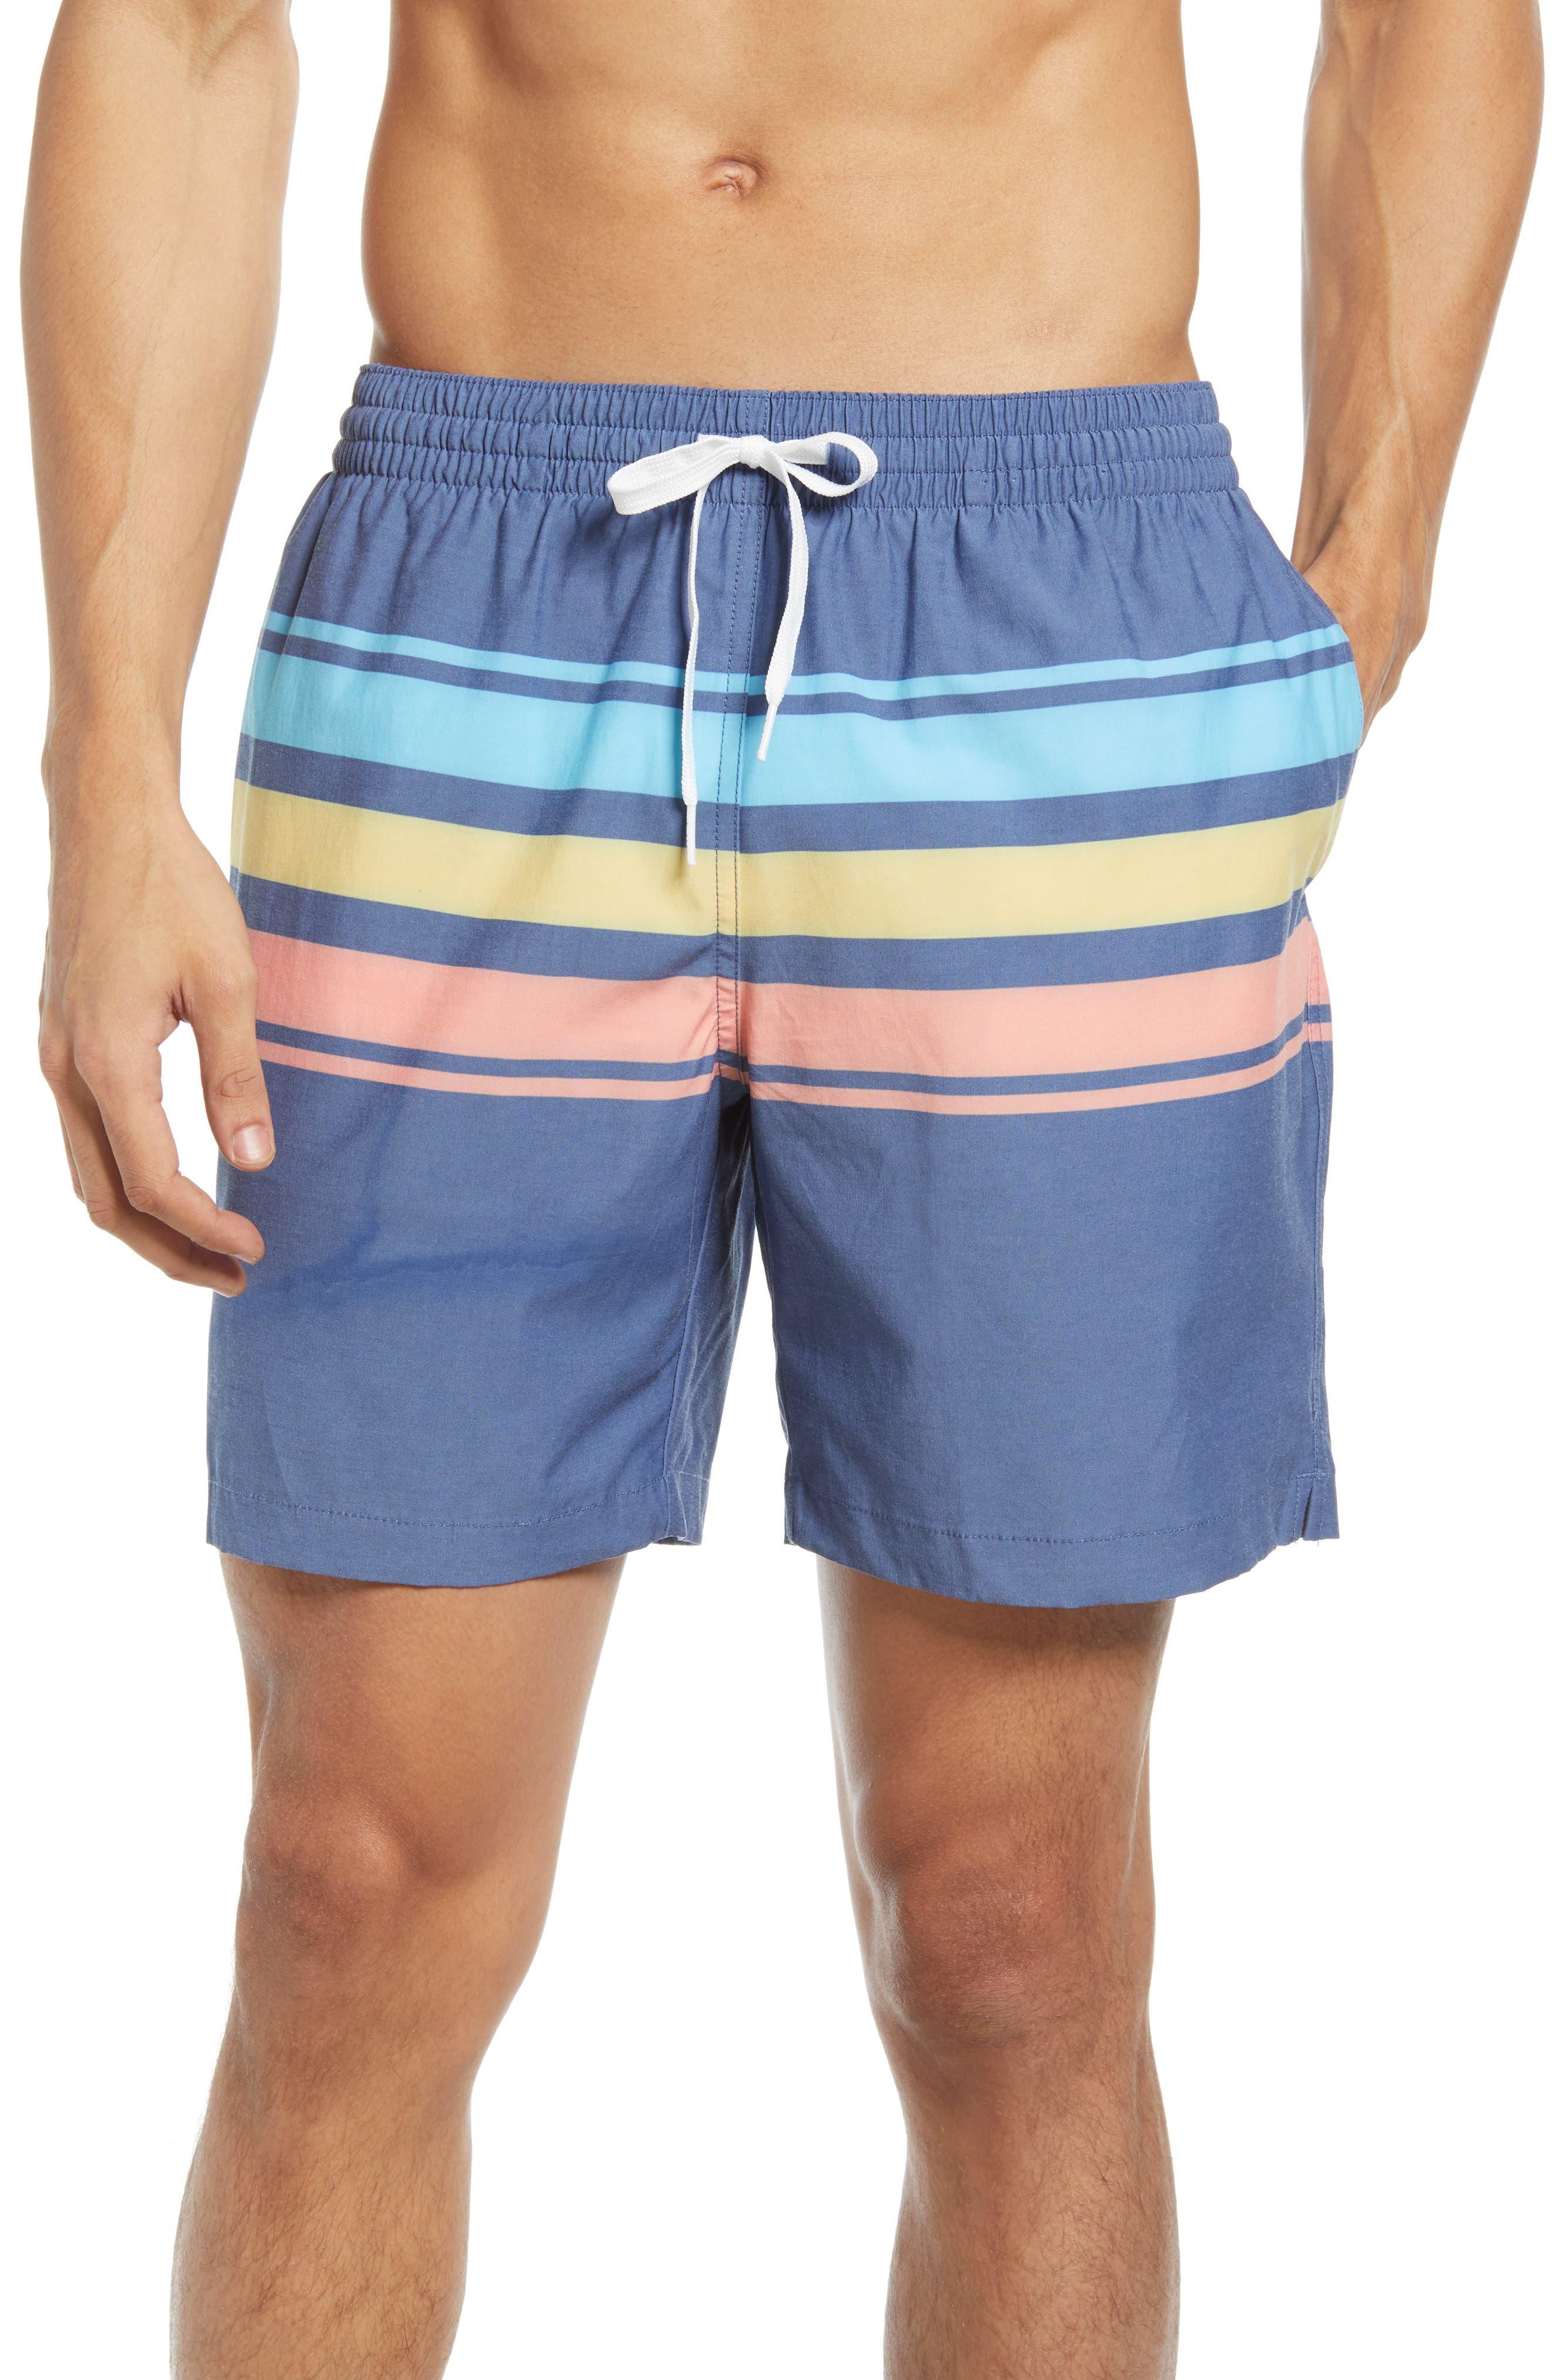 Vintage Men's Swimsuits – 1930s, 1940s, 1950s History Mens Chubbies Tropicadas 7-Inch Swim Trunks Size XX-Large - Blue $69.50 AT vintagedancer.com